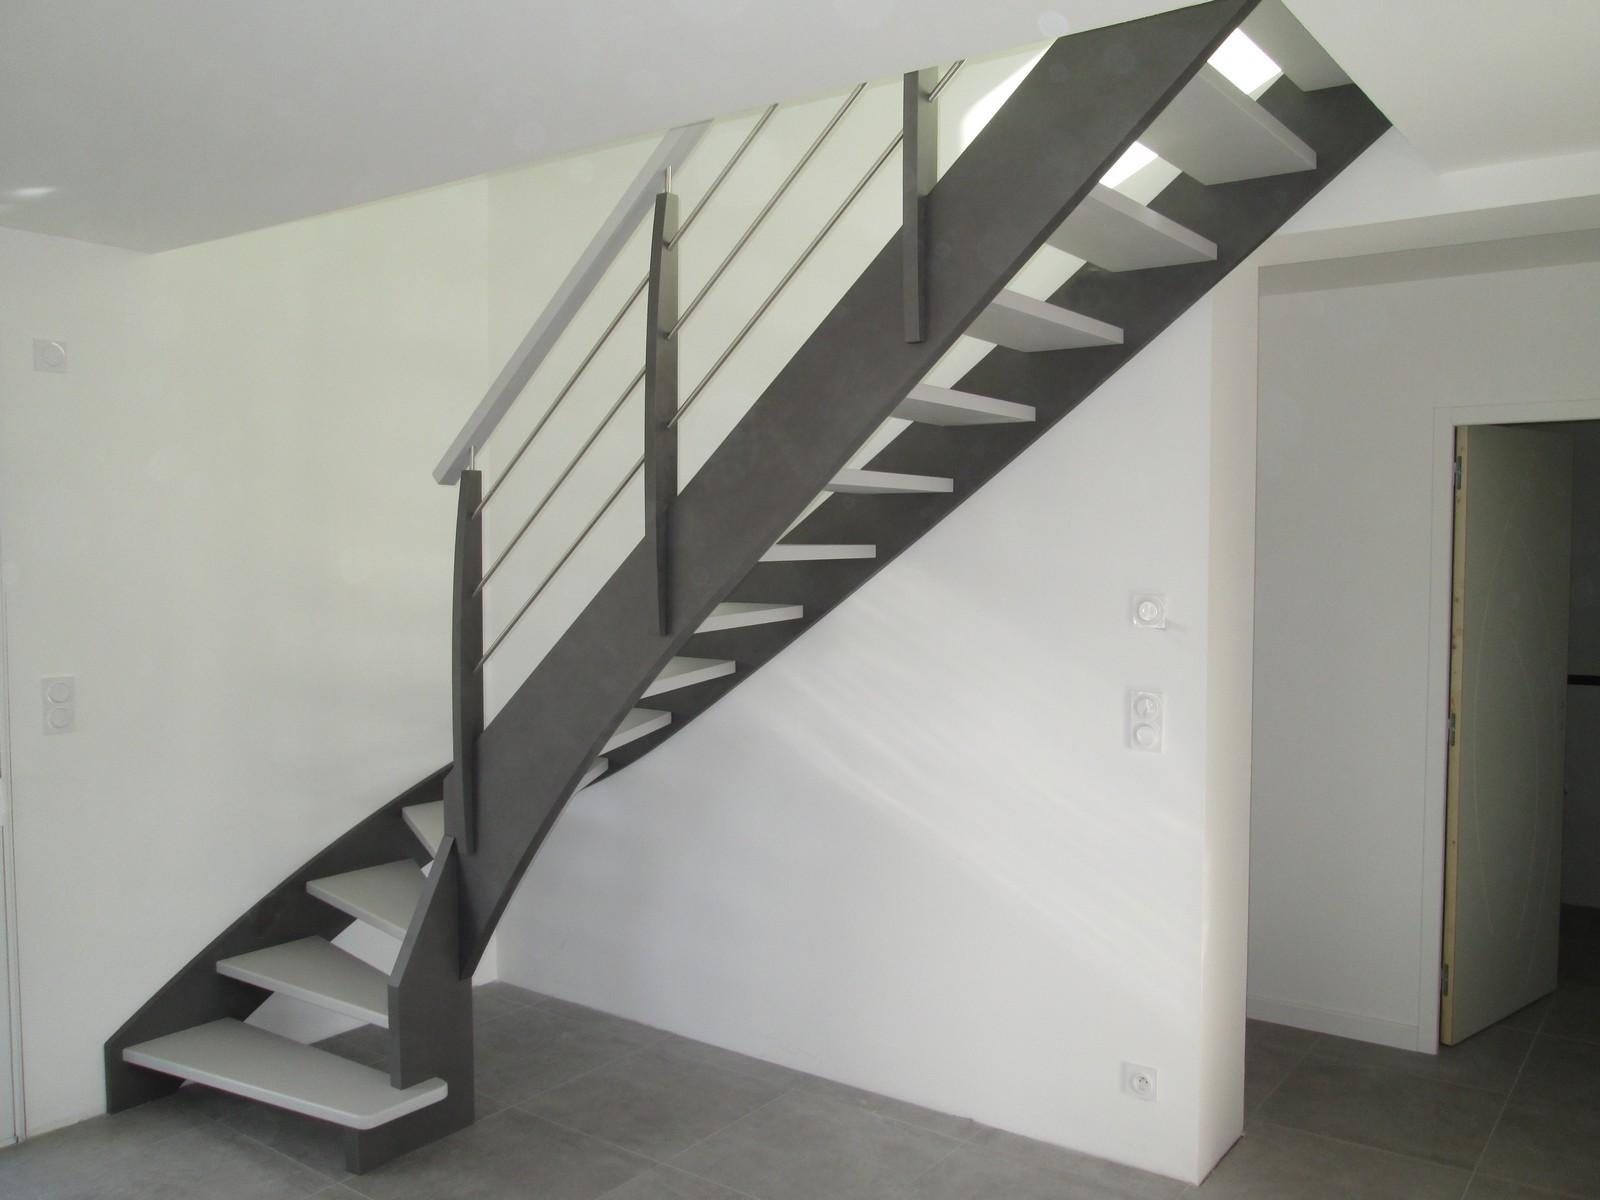 escalier en mtal intrieur excellent escalier moderne intrieur ide espace with escalier en mtal. Black Bedroom Furniture Sets. Home Design Ideas